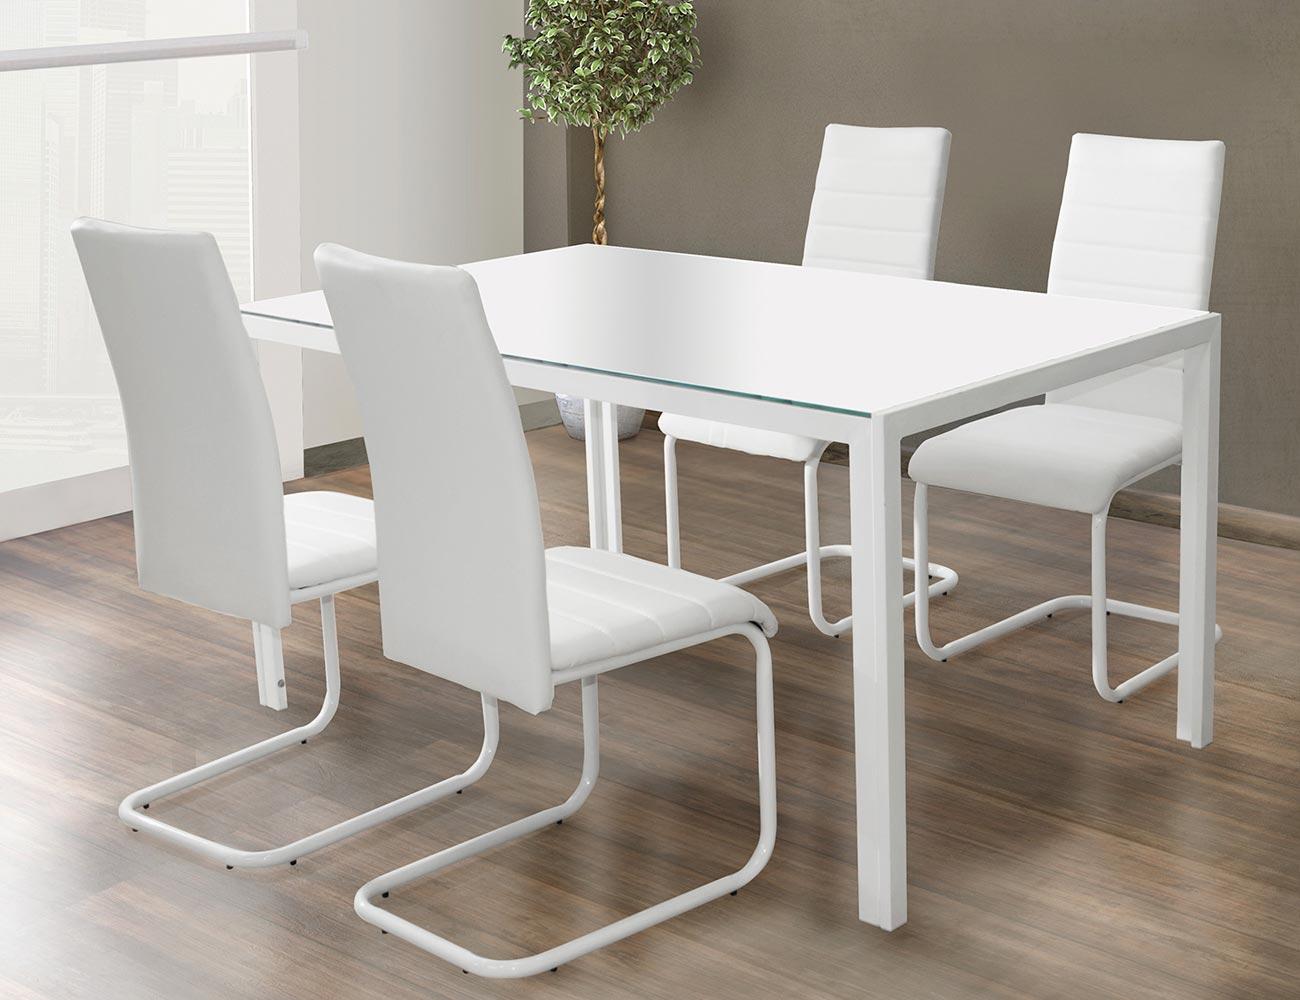 Mesa comedor blanco con cristal templado 281